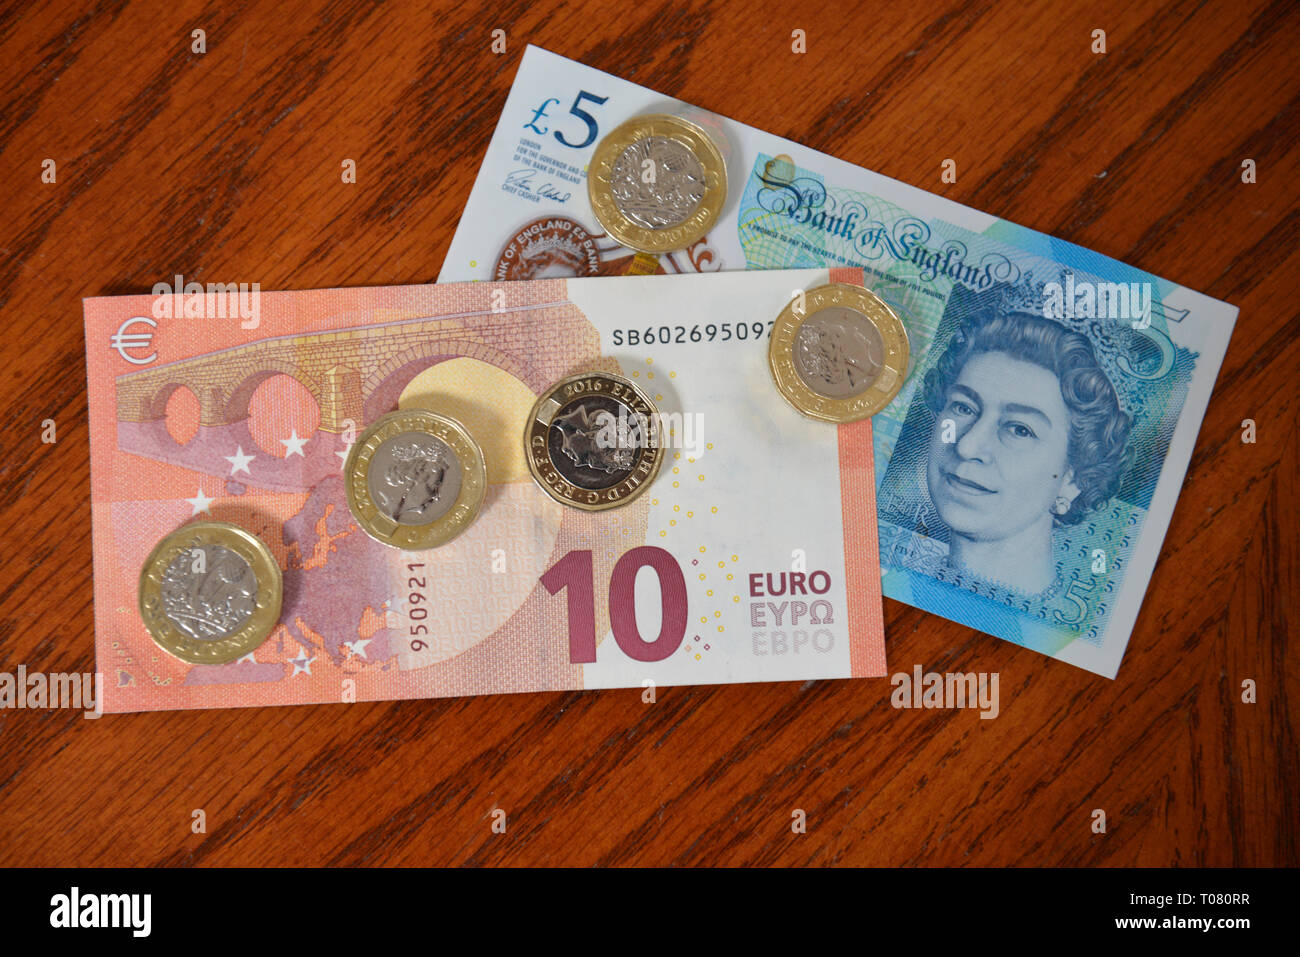 Bargeld, Euro, Britisches Pfund - Stock Image